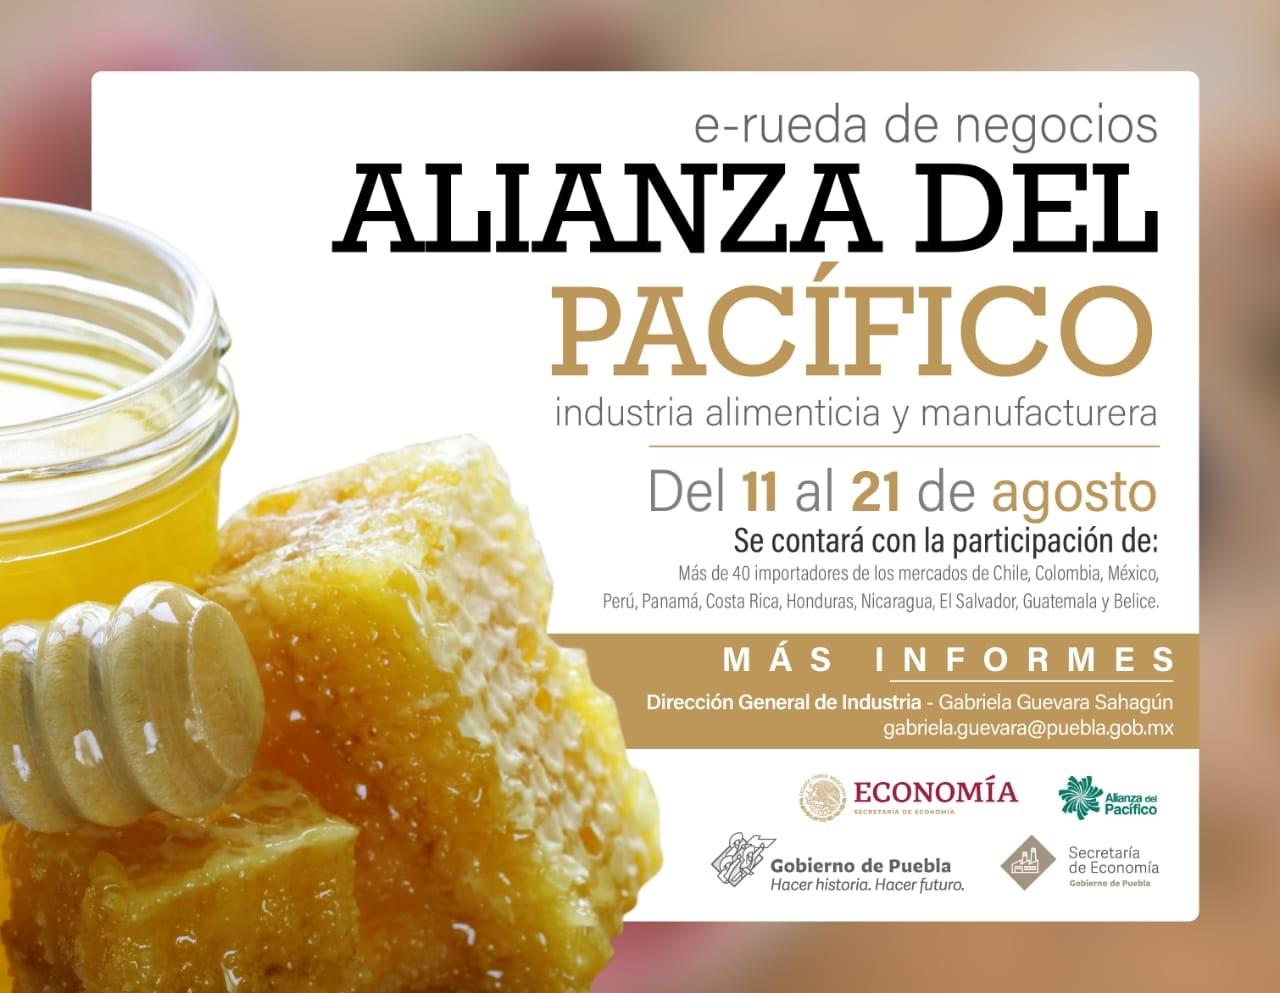 Convoca Economía a empresas a E-Rueda de Negocios Alianza del Pacífico